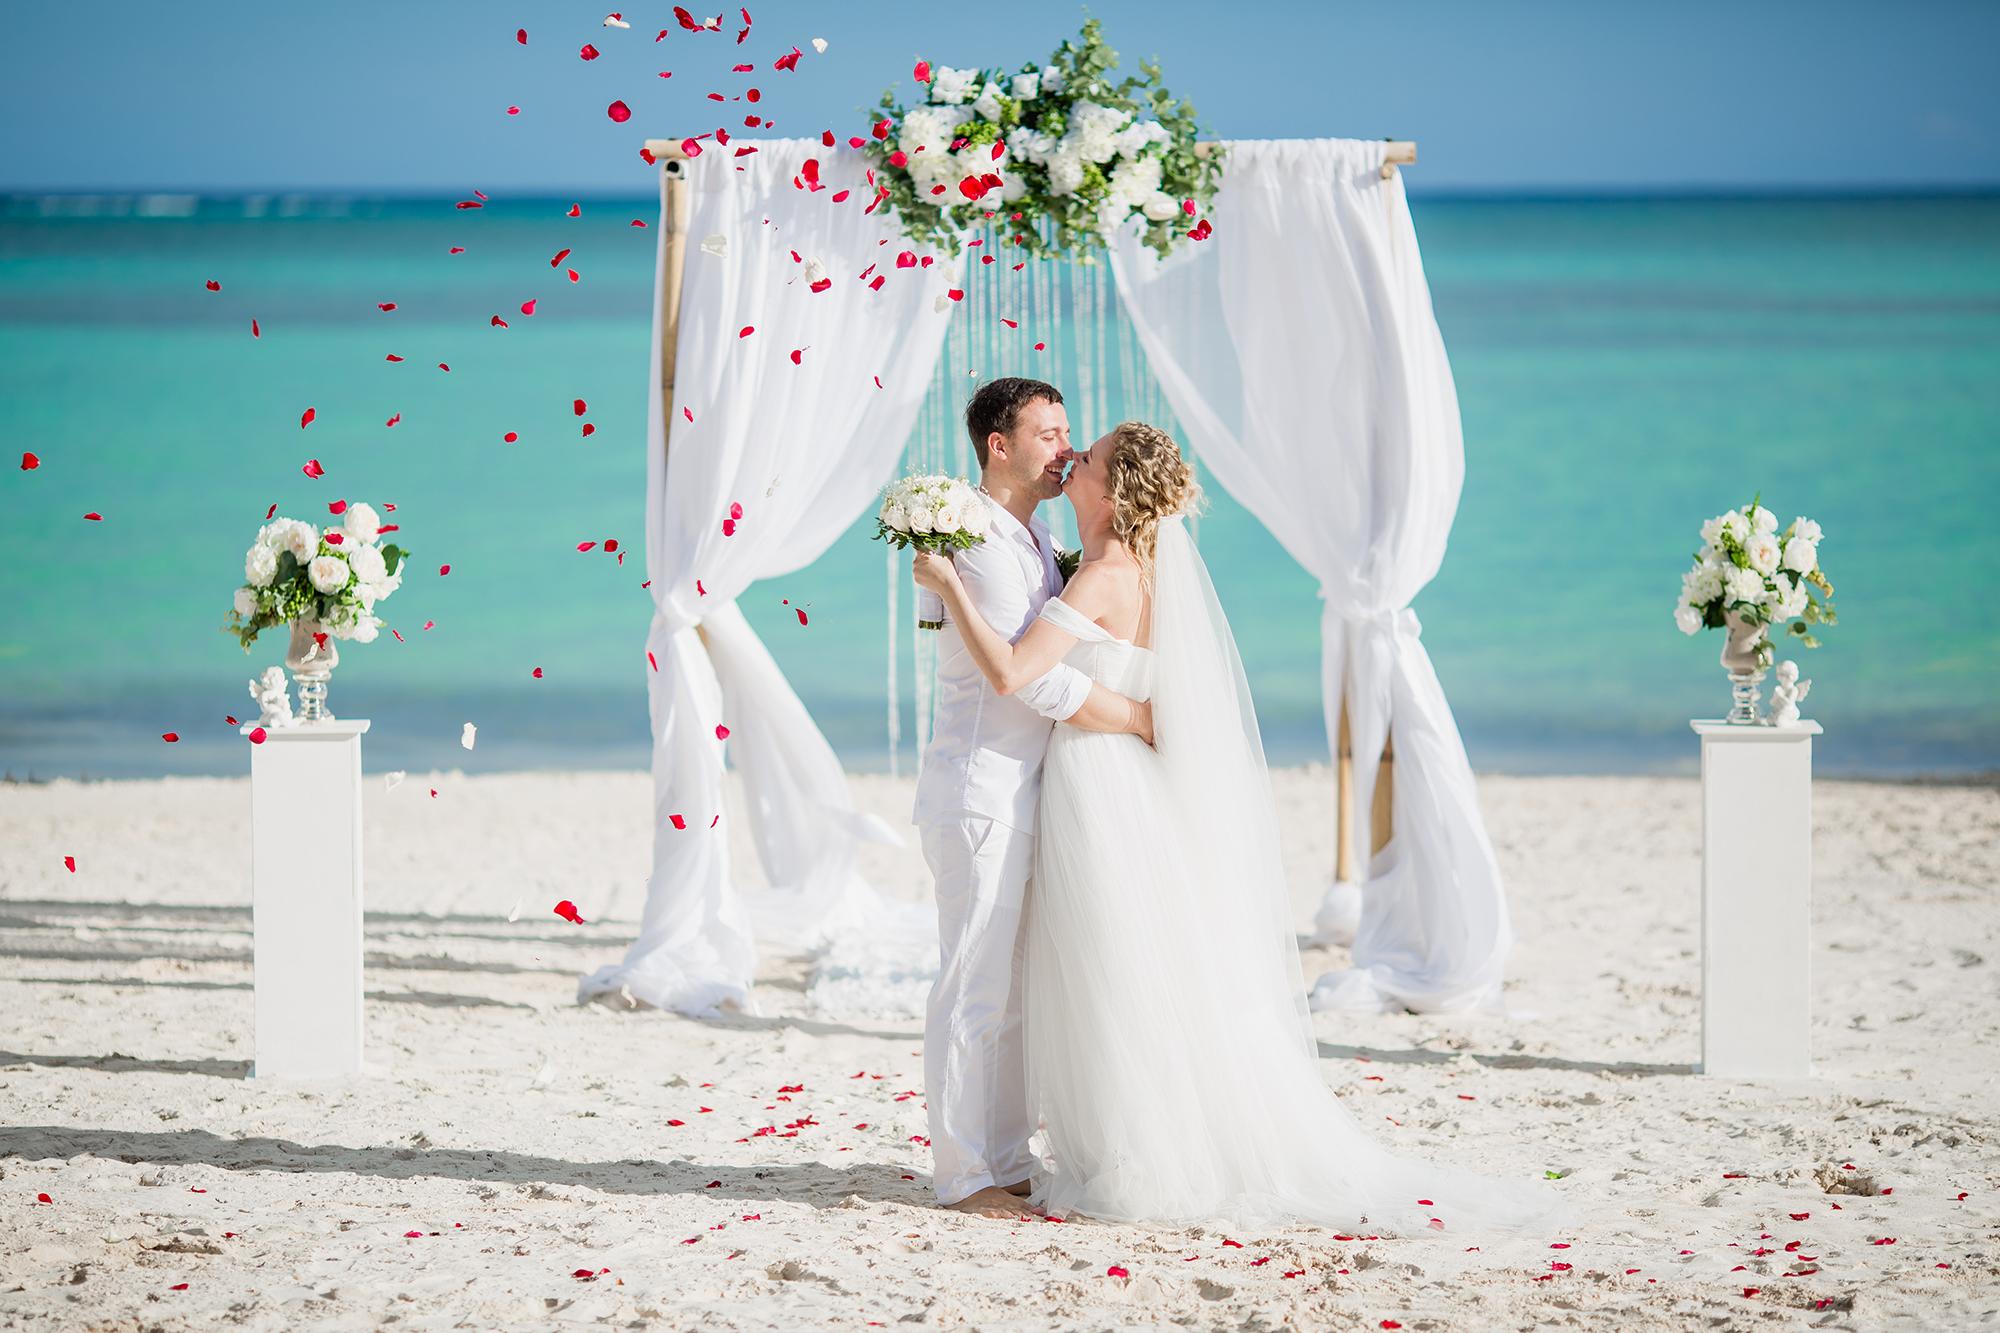 Особенности свадебной церемонии